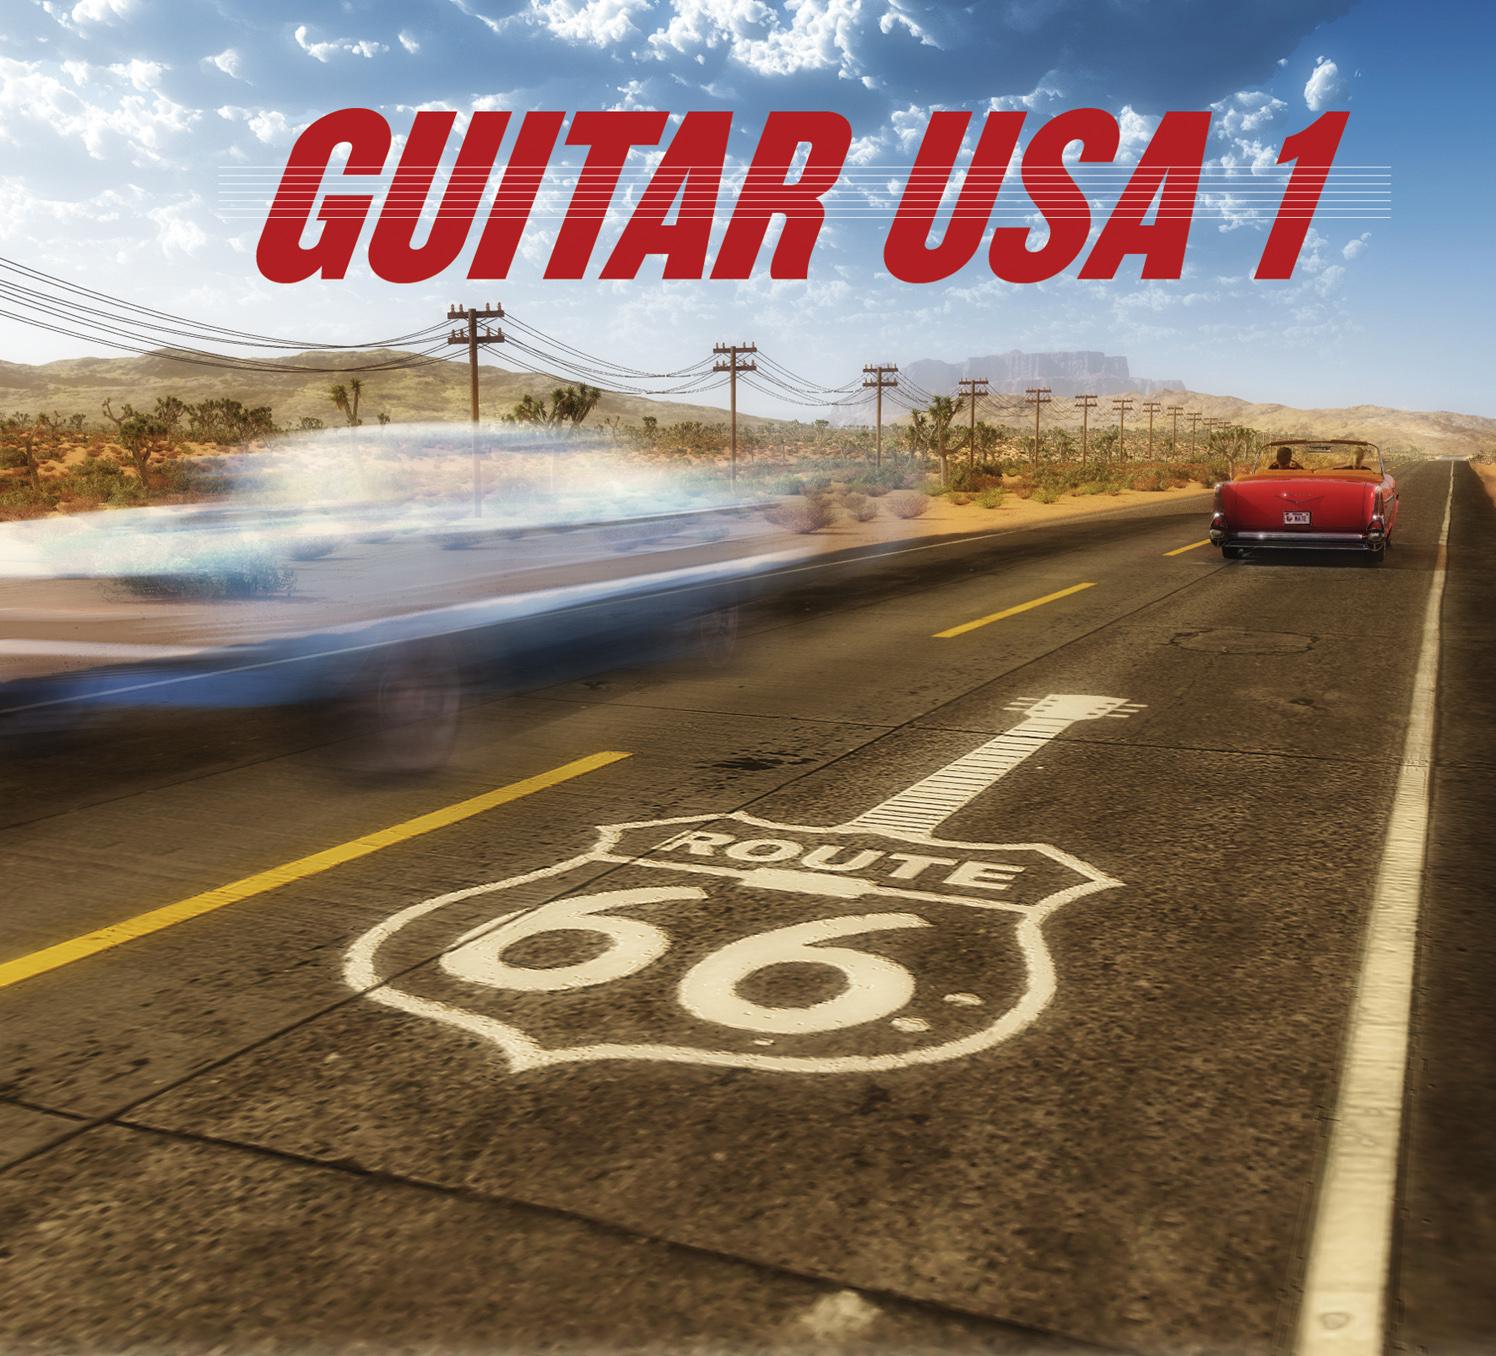 Guitar USA